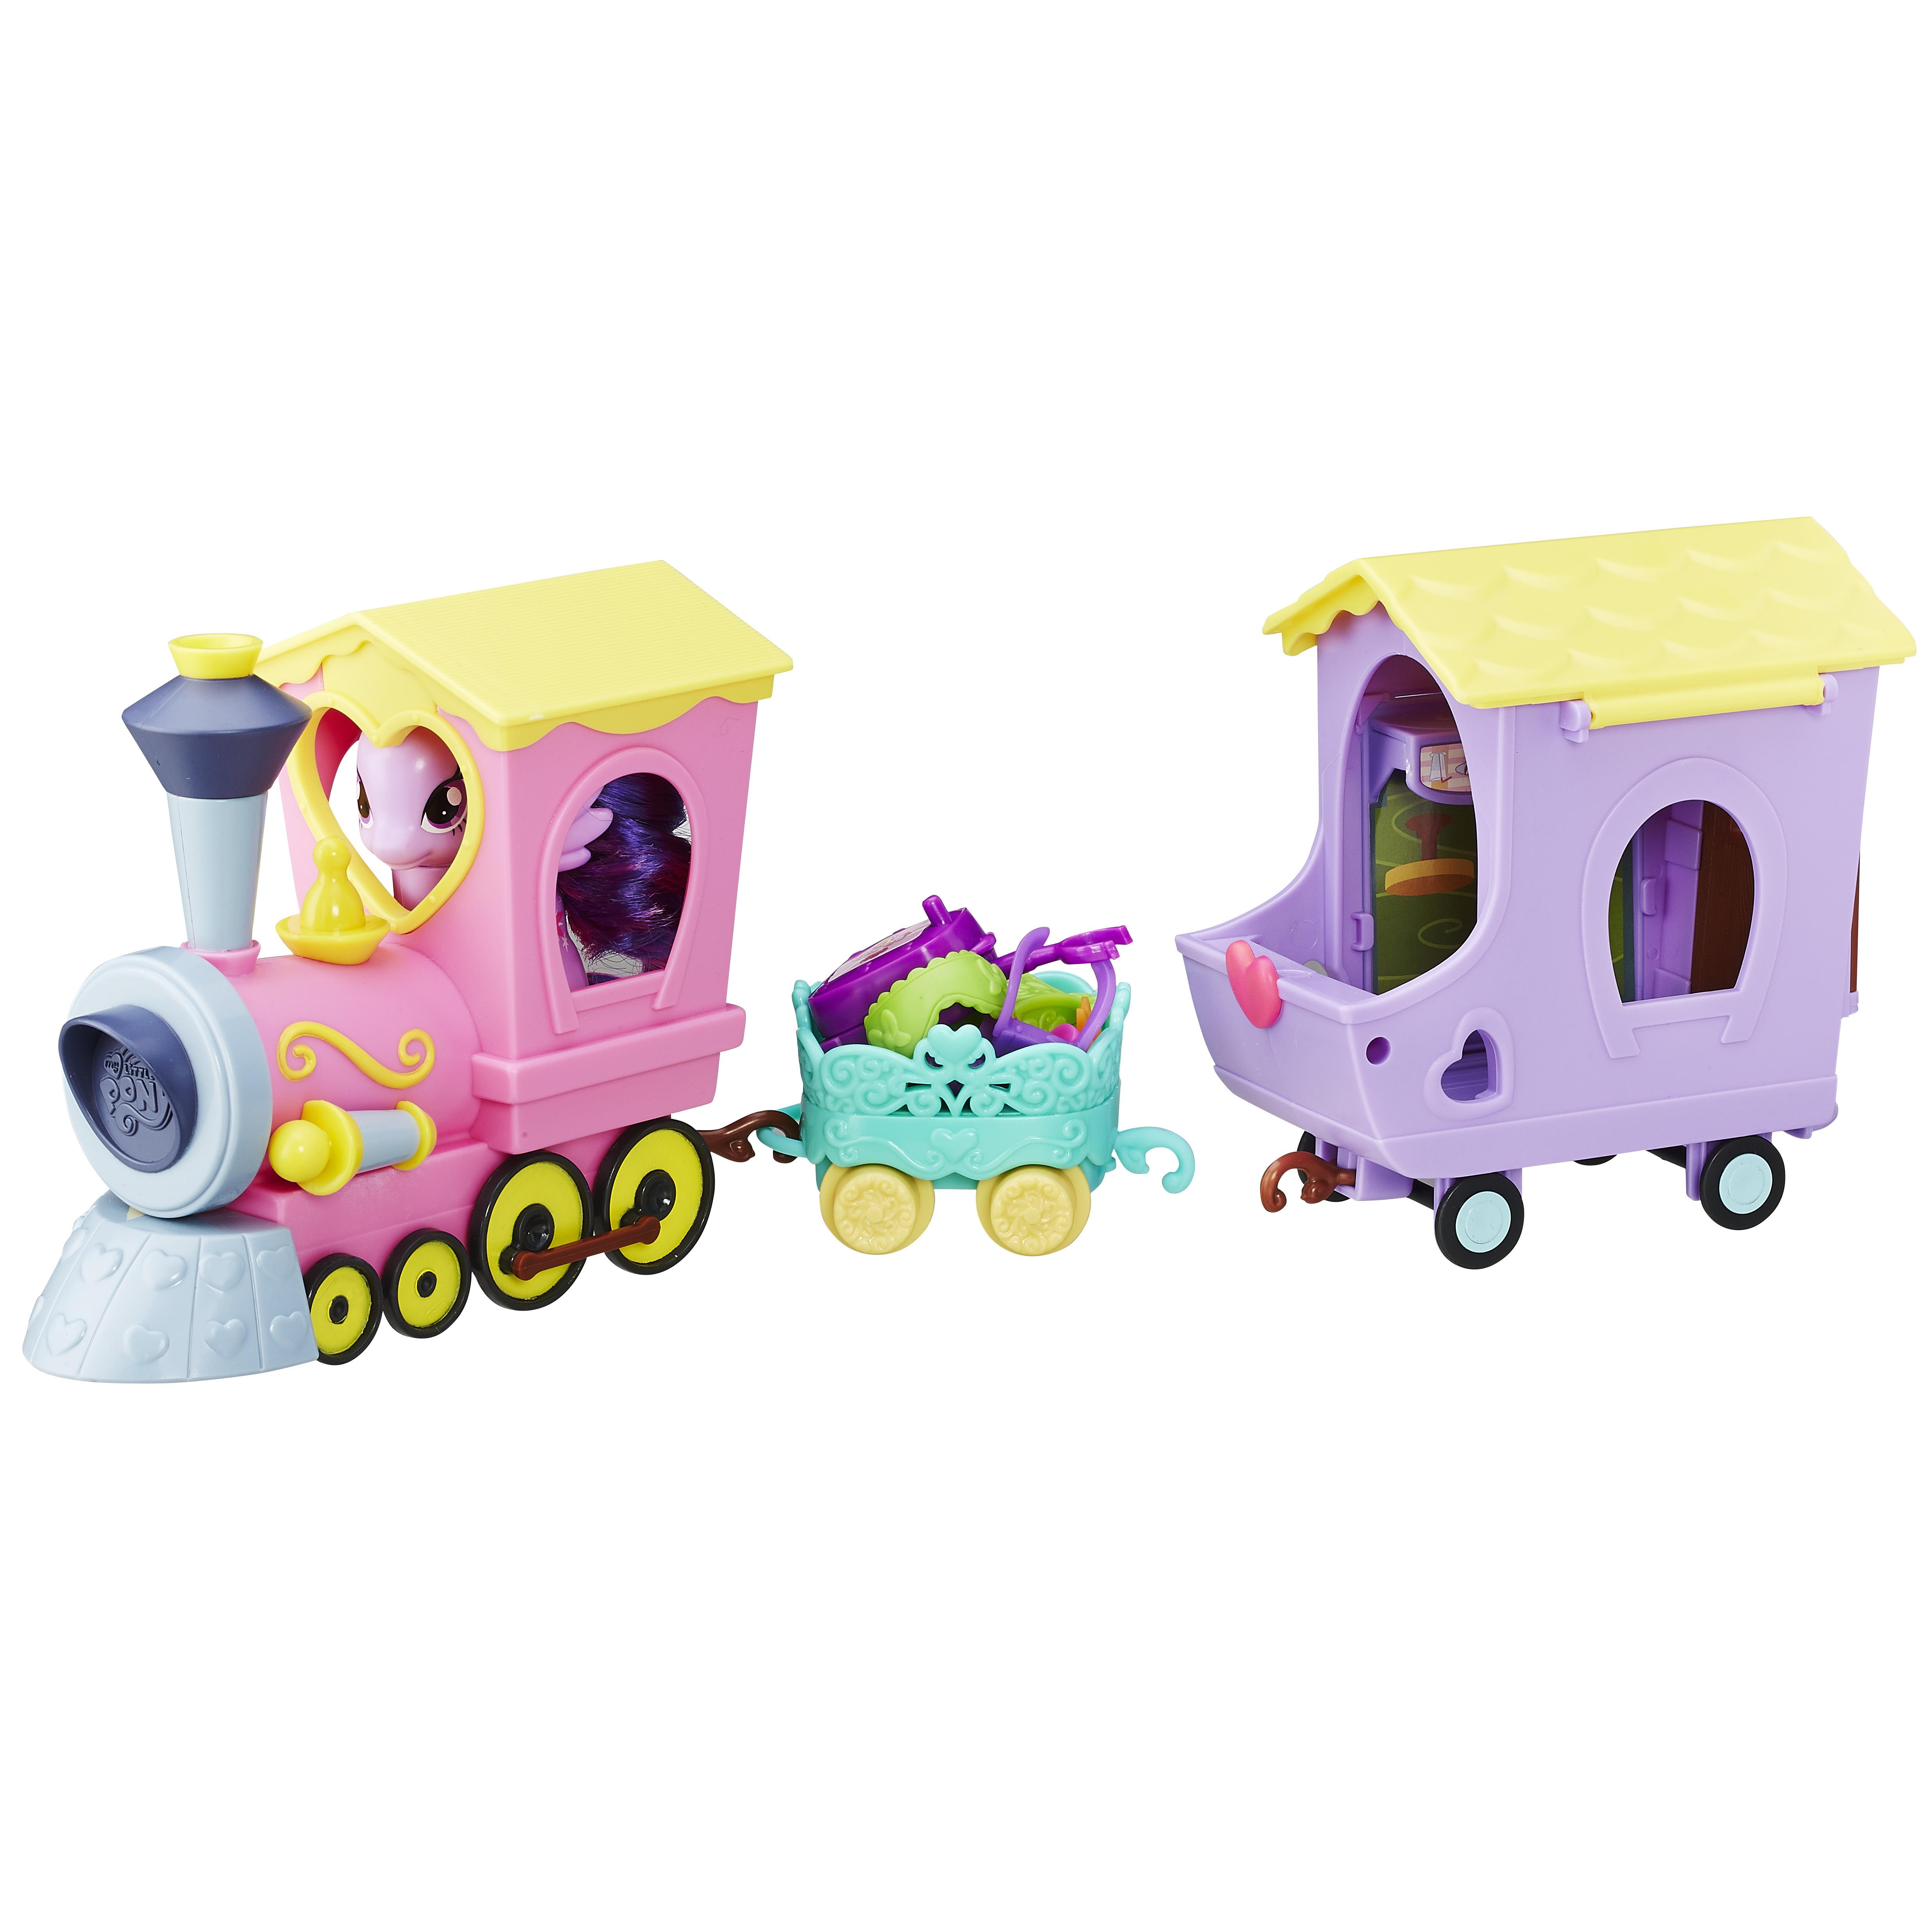 My Little Pony My Little Pony Поезд Дружбы my little pony b5363 поезд дружбы